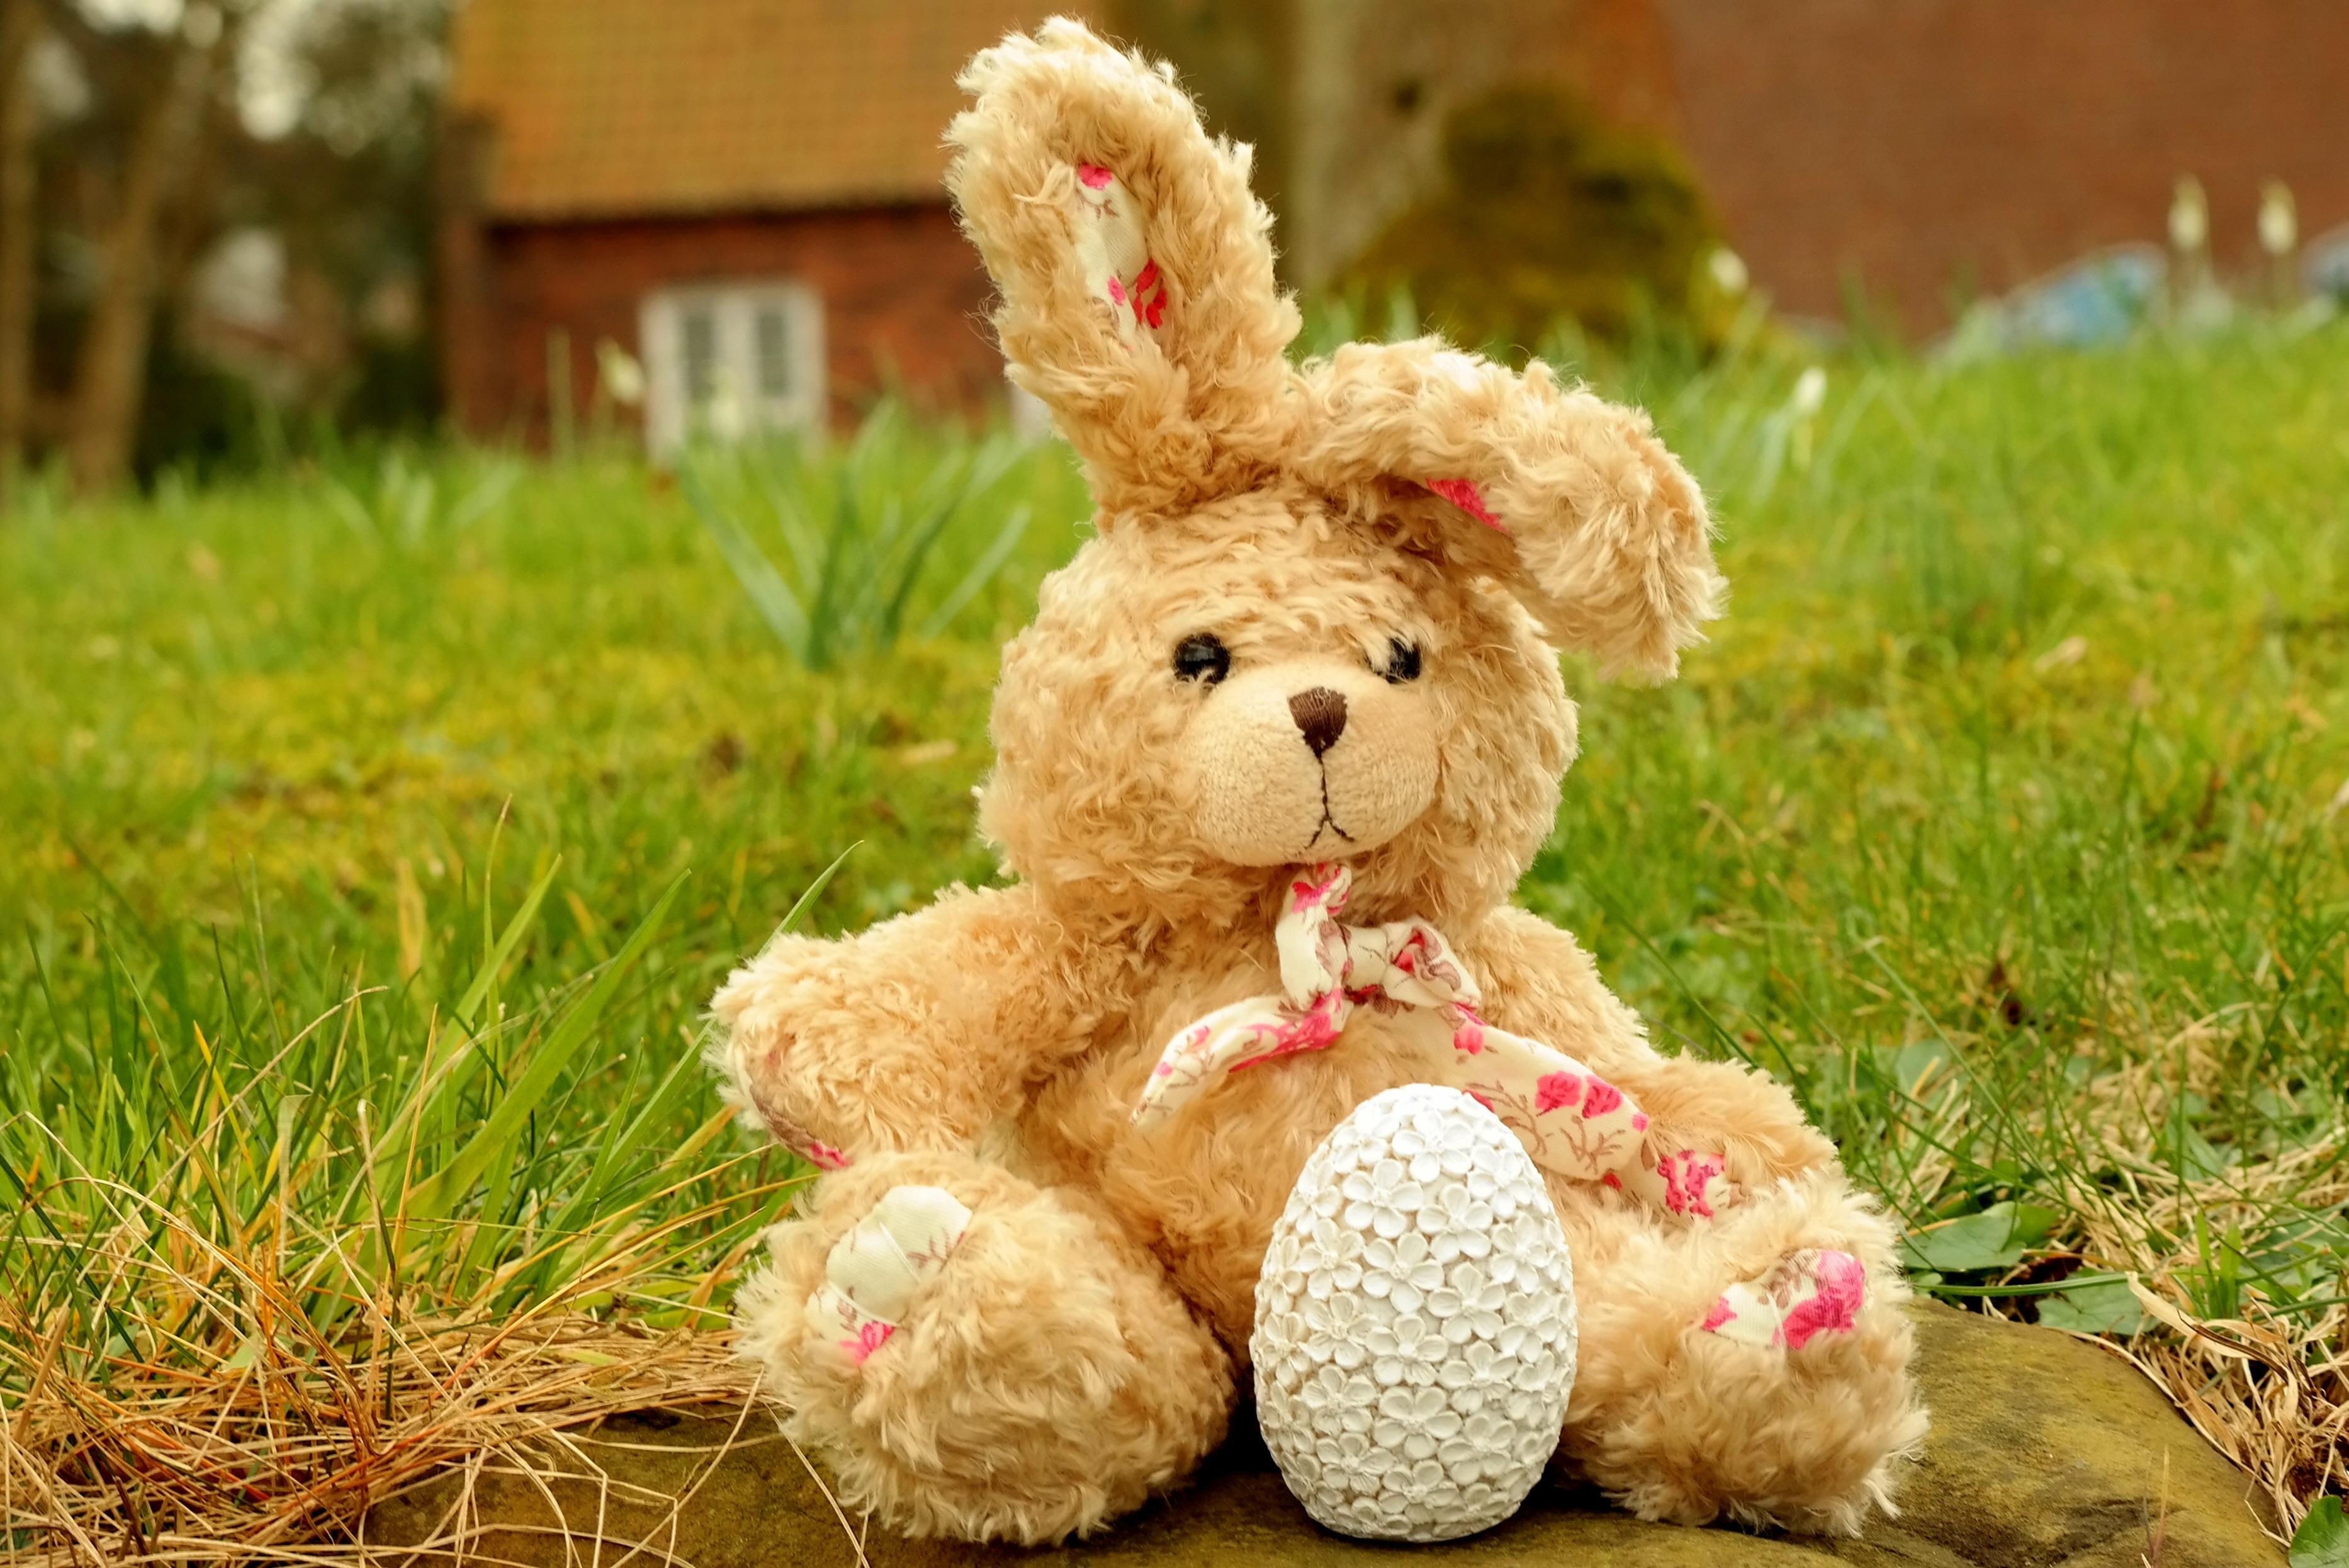 102246 Hintergrundbild herunterladen Feiertage, Ostern, Spielzeug, Hase, Ei - Bildschirmschoner und Bilder kostenlos